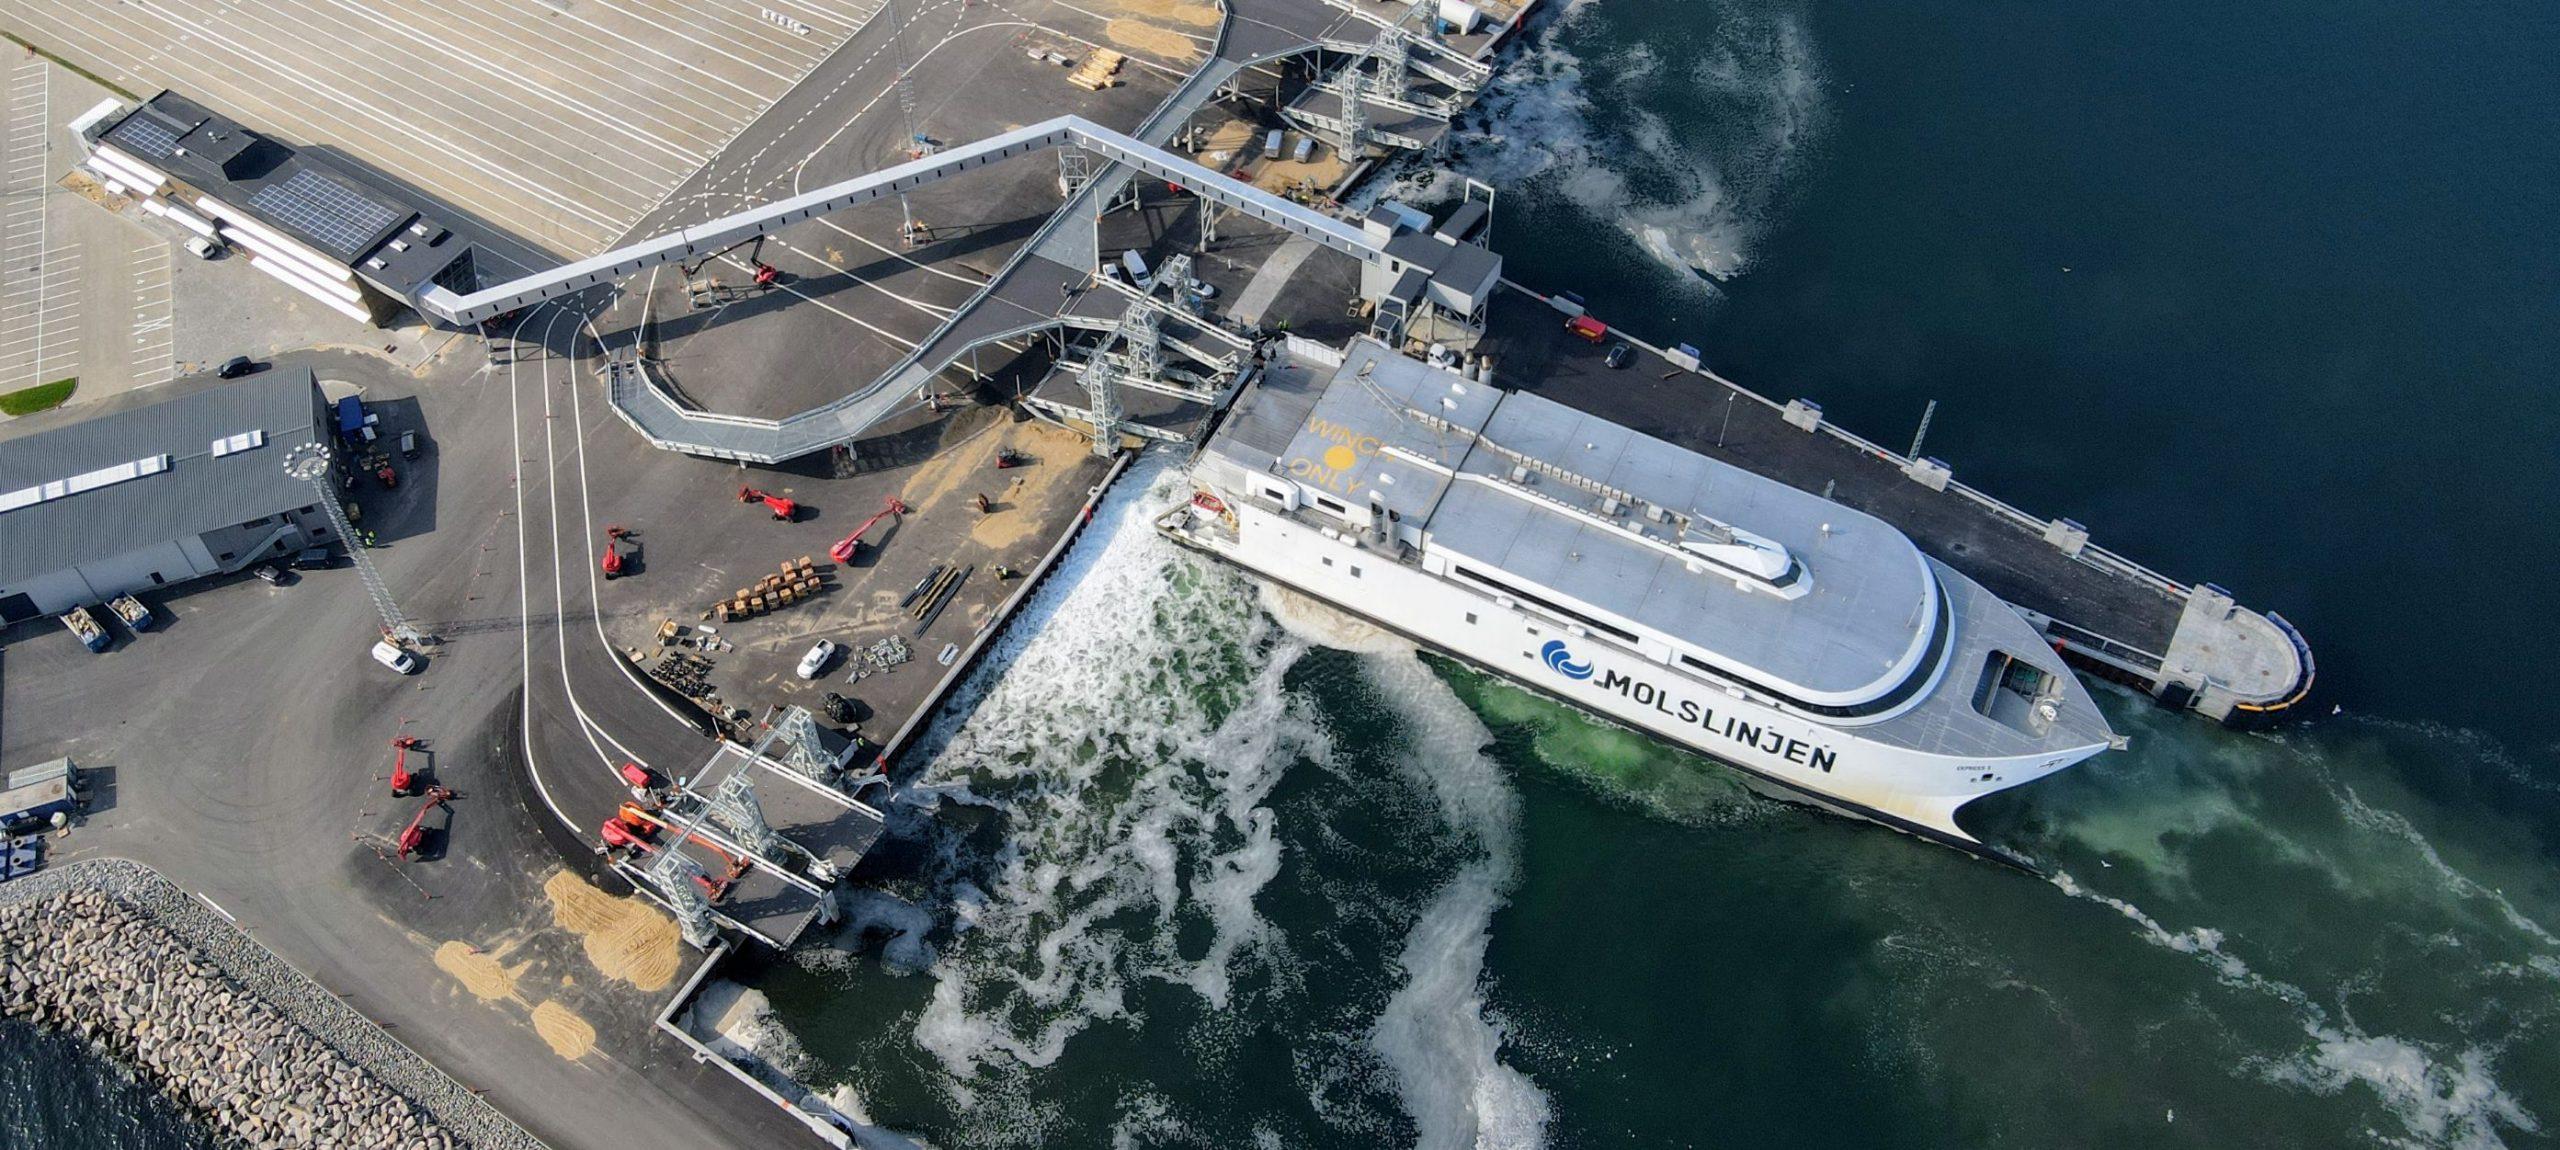 Express 3 vender i den nye havn i Aarhus, katamaranen sejler blandt andet mellem Aarhus og Sjællands Odde. Pressefoto: Molslinjen.